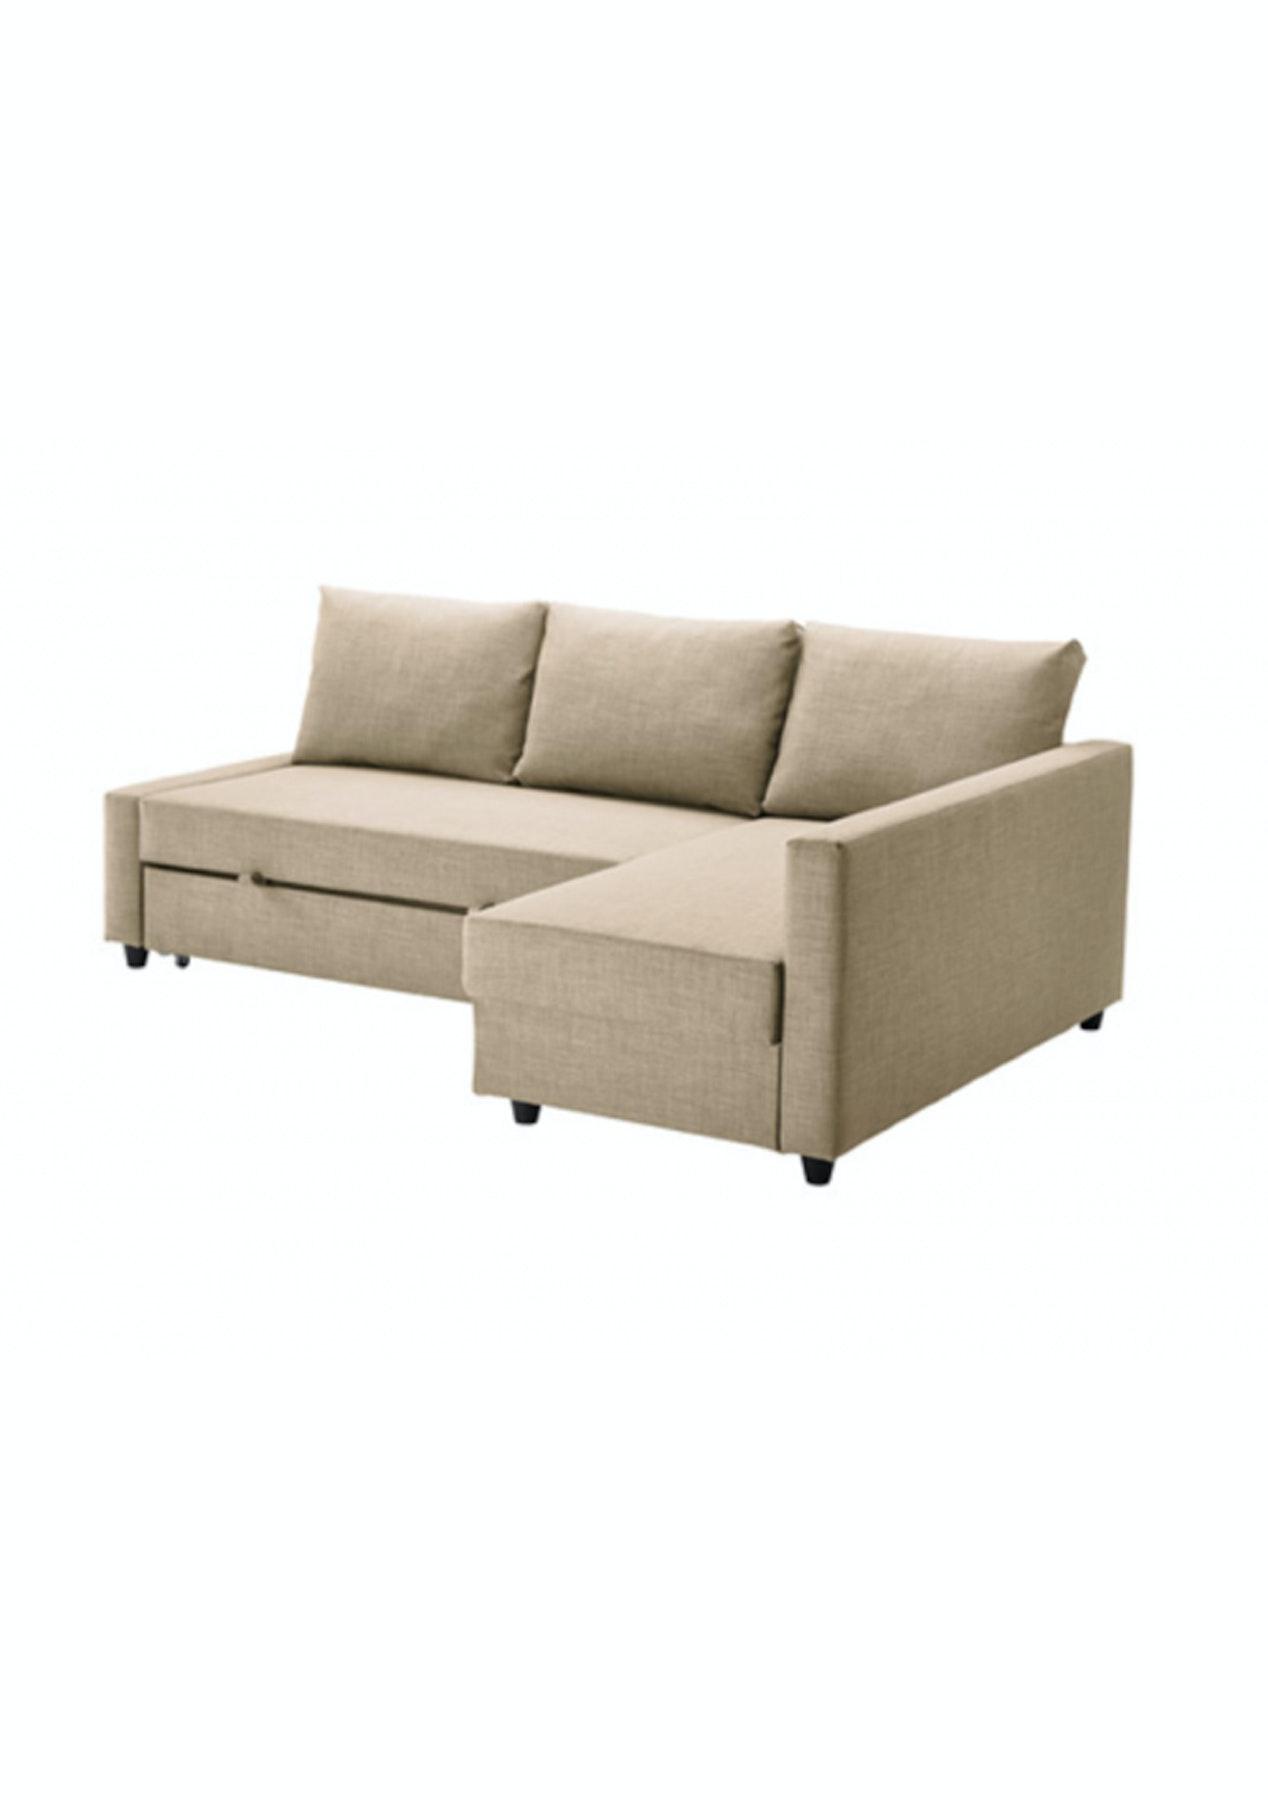 Sofa Friheten Ikea.Ikea Friheten Corner Sofa Bed With Storage Skiftebo Beige